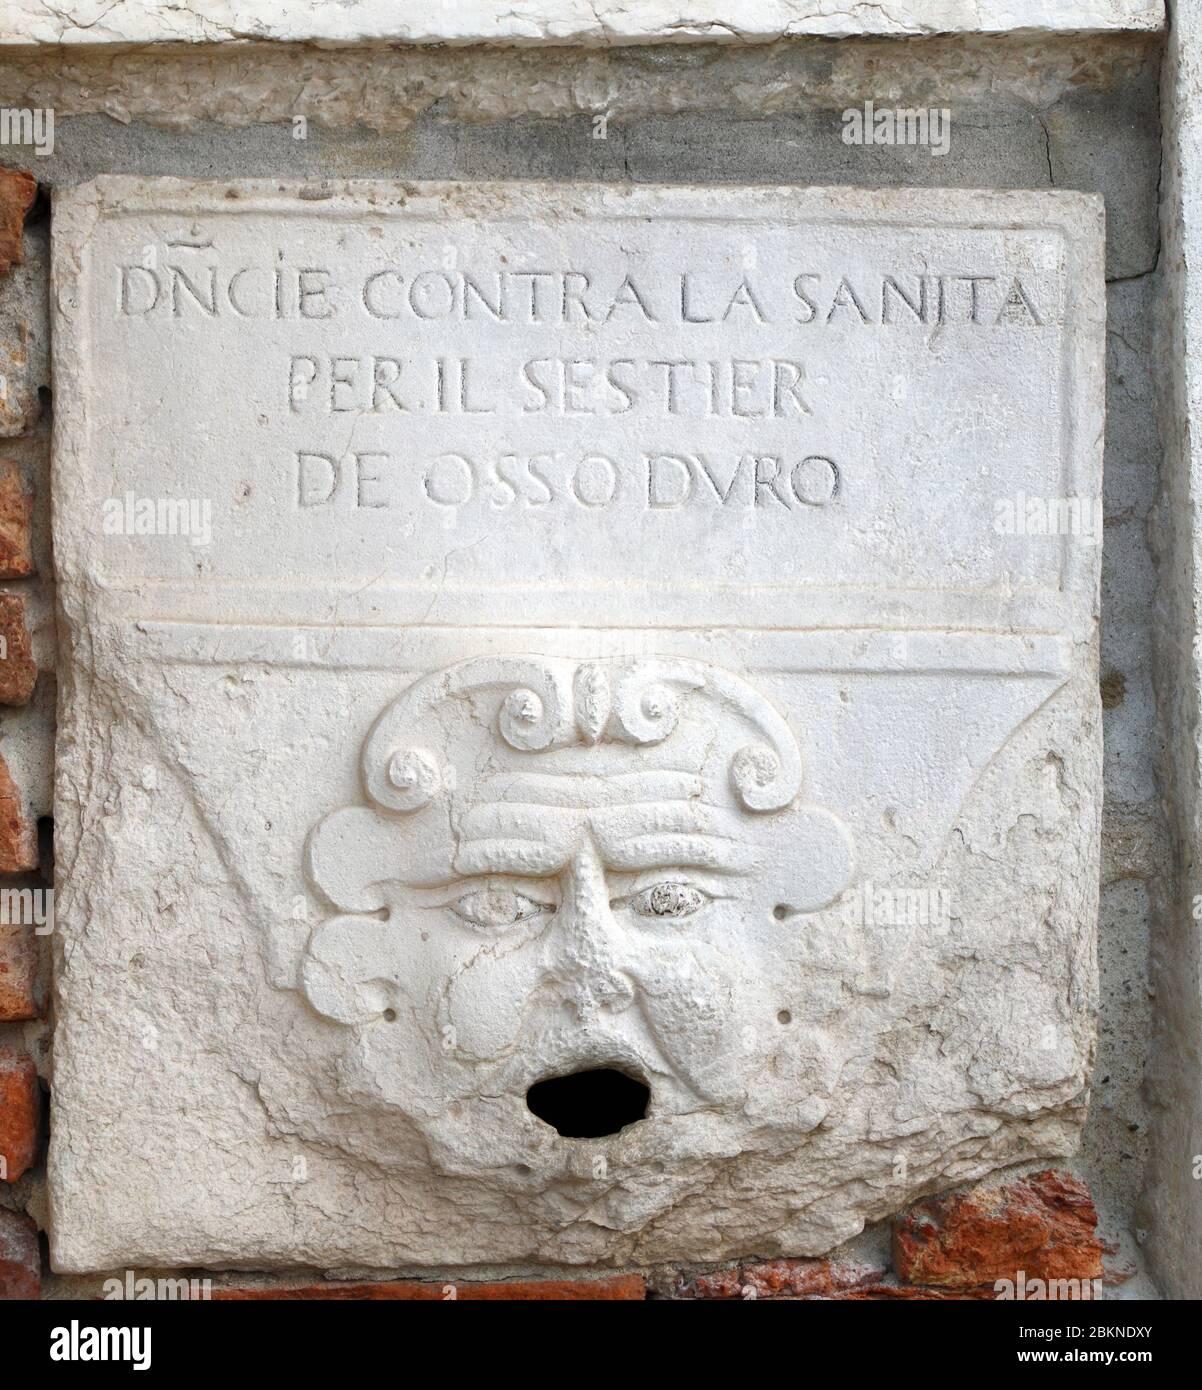 I/Venedig: Bocca  di Leone (Löwenmaul) an der Kirche Santa Maria della Visitazione. Briefkasten zum Einwerfen von anonymen Anzeigen und Denunziationen Stock Photo